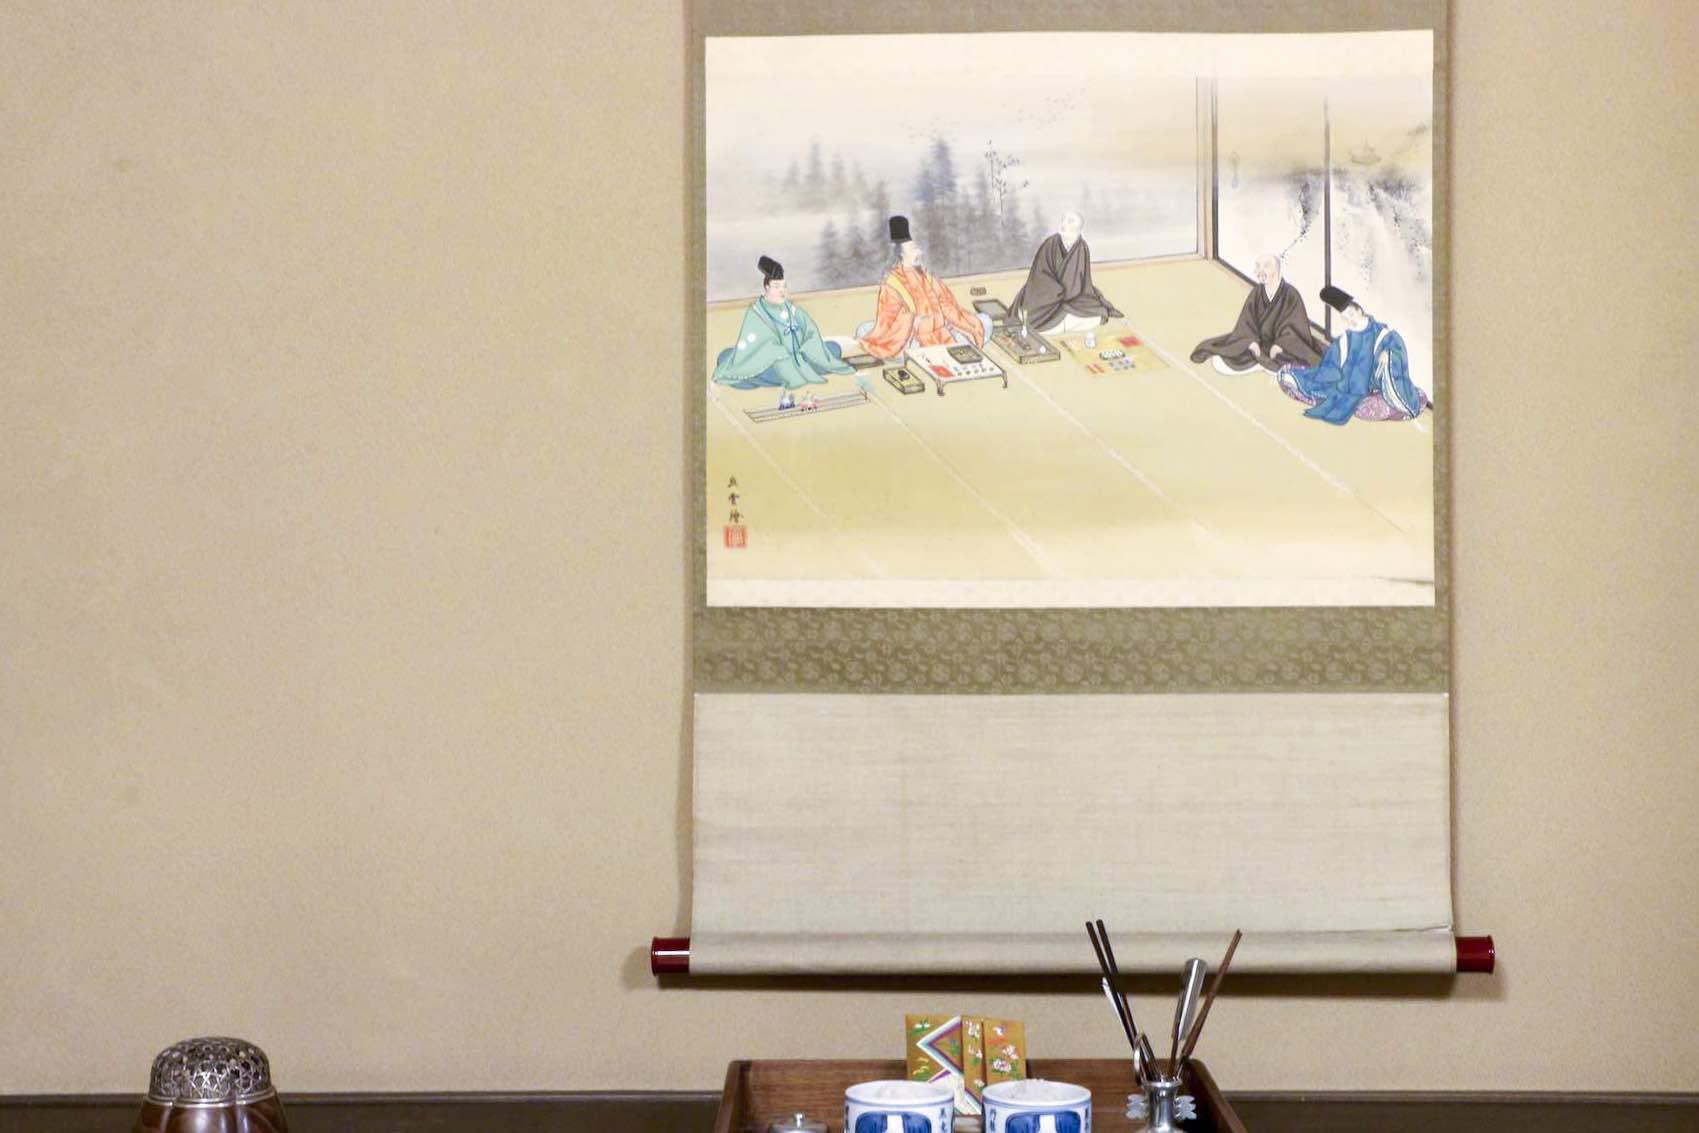 飾り棚の掛け軸にも、聞香の様子が描かれています